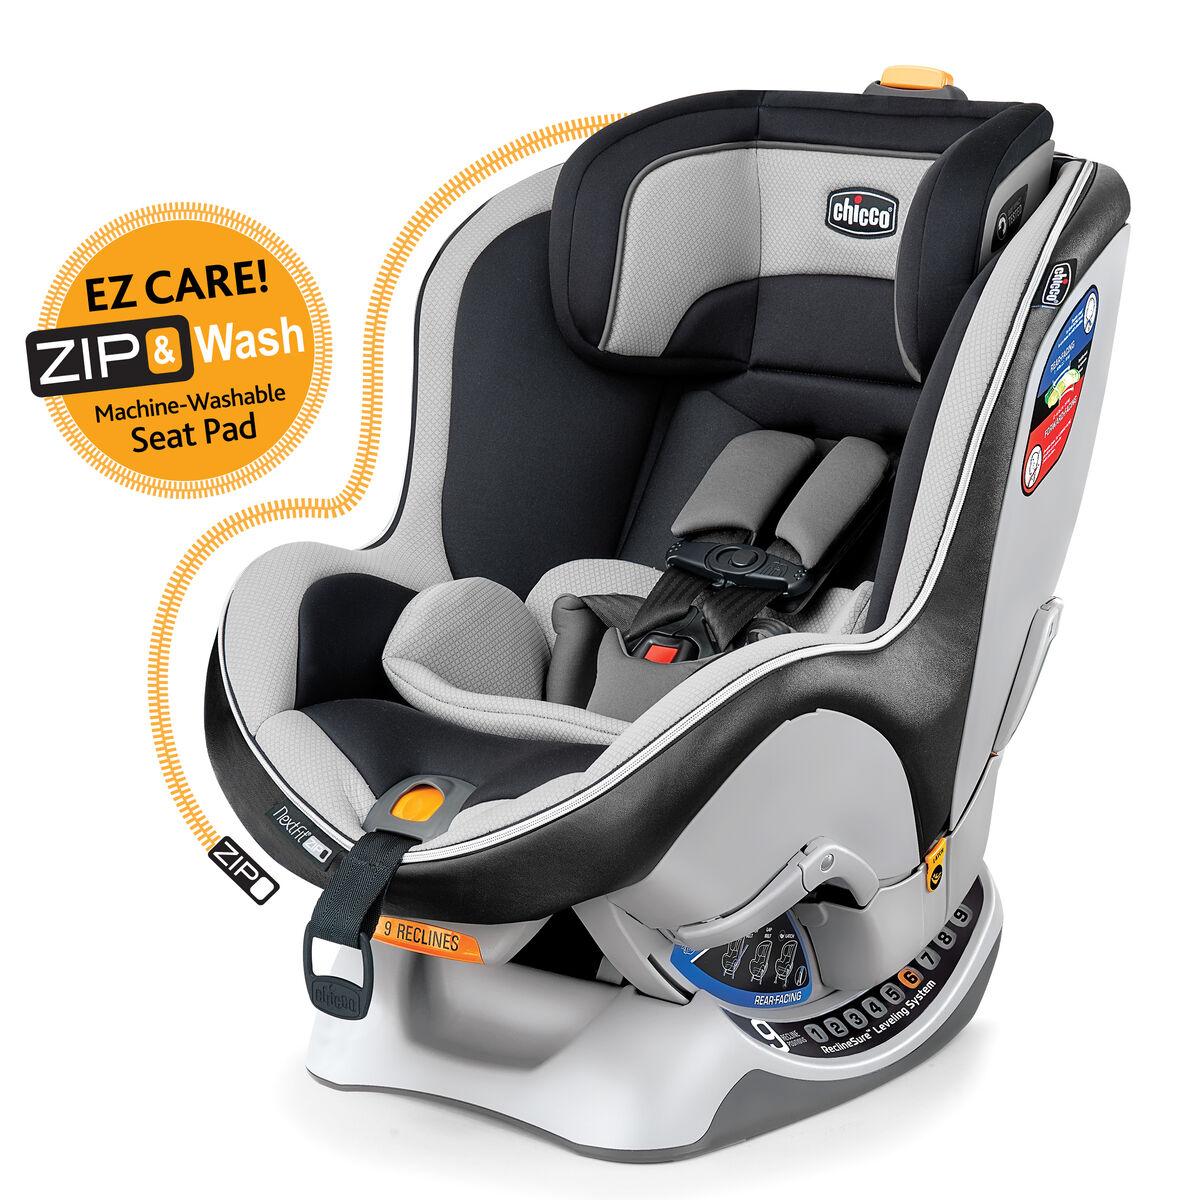 Nextfit zip convertible car seat castlerocknextfit zip convertible car seat castlerock